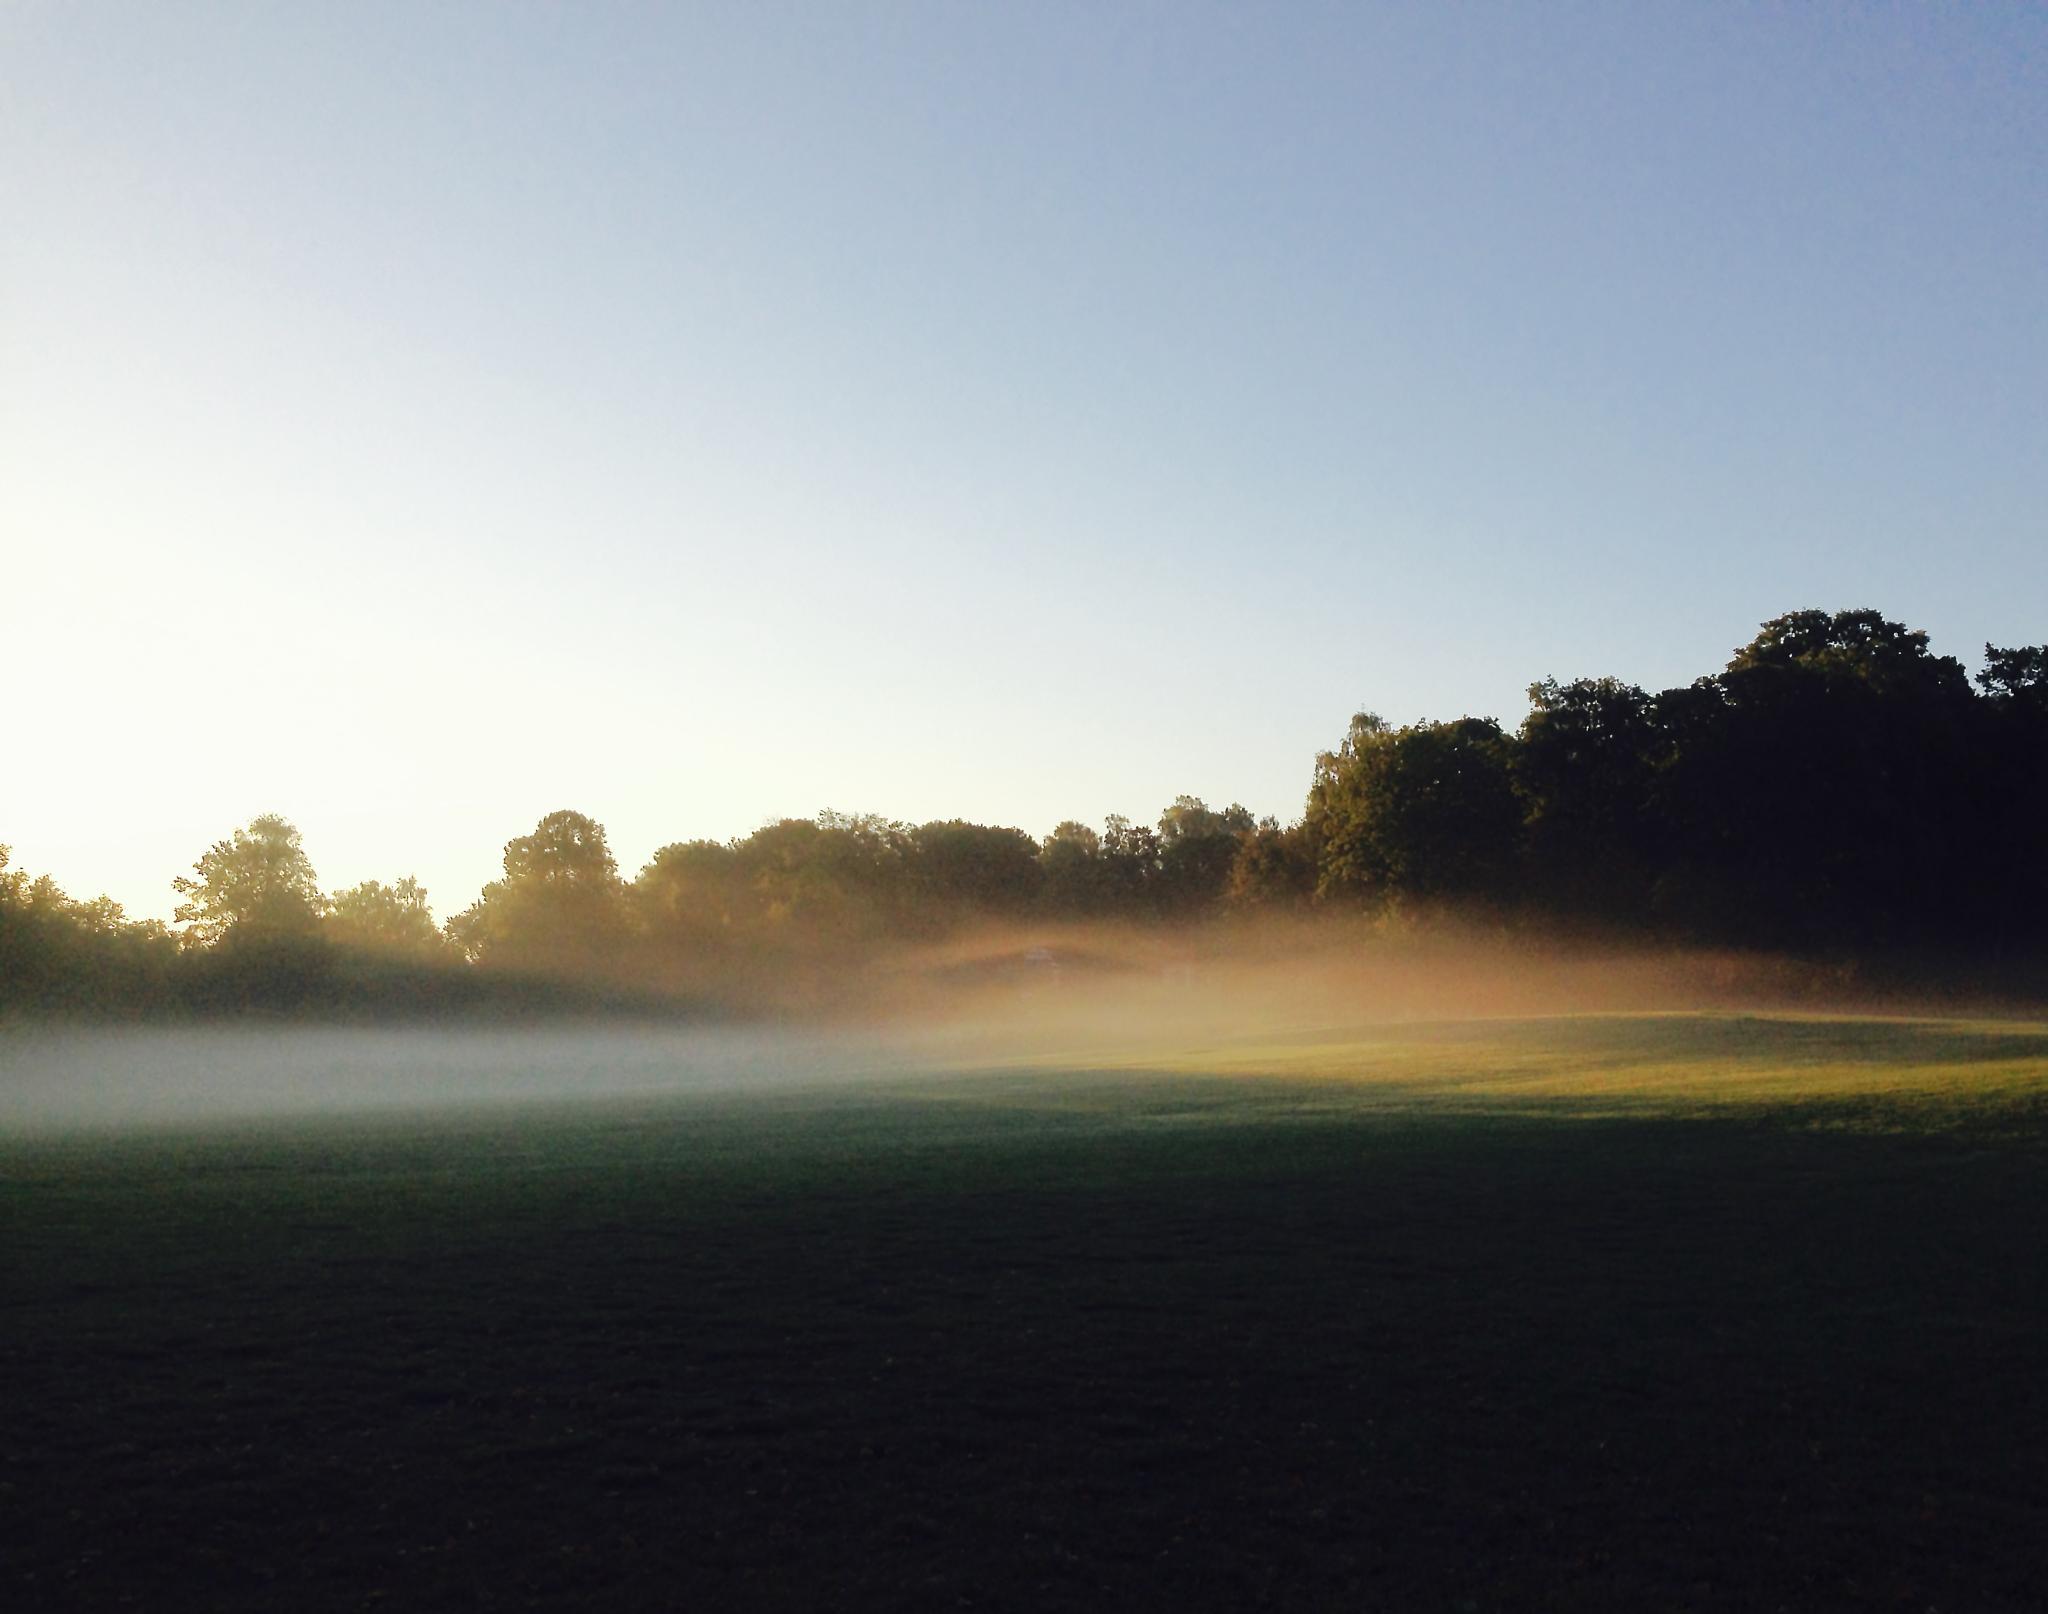 Misty morning, Kaknäs, Stockholm, Sweden by Lars Holmgren